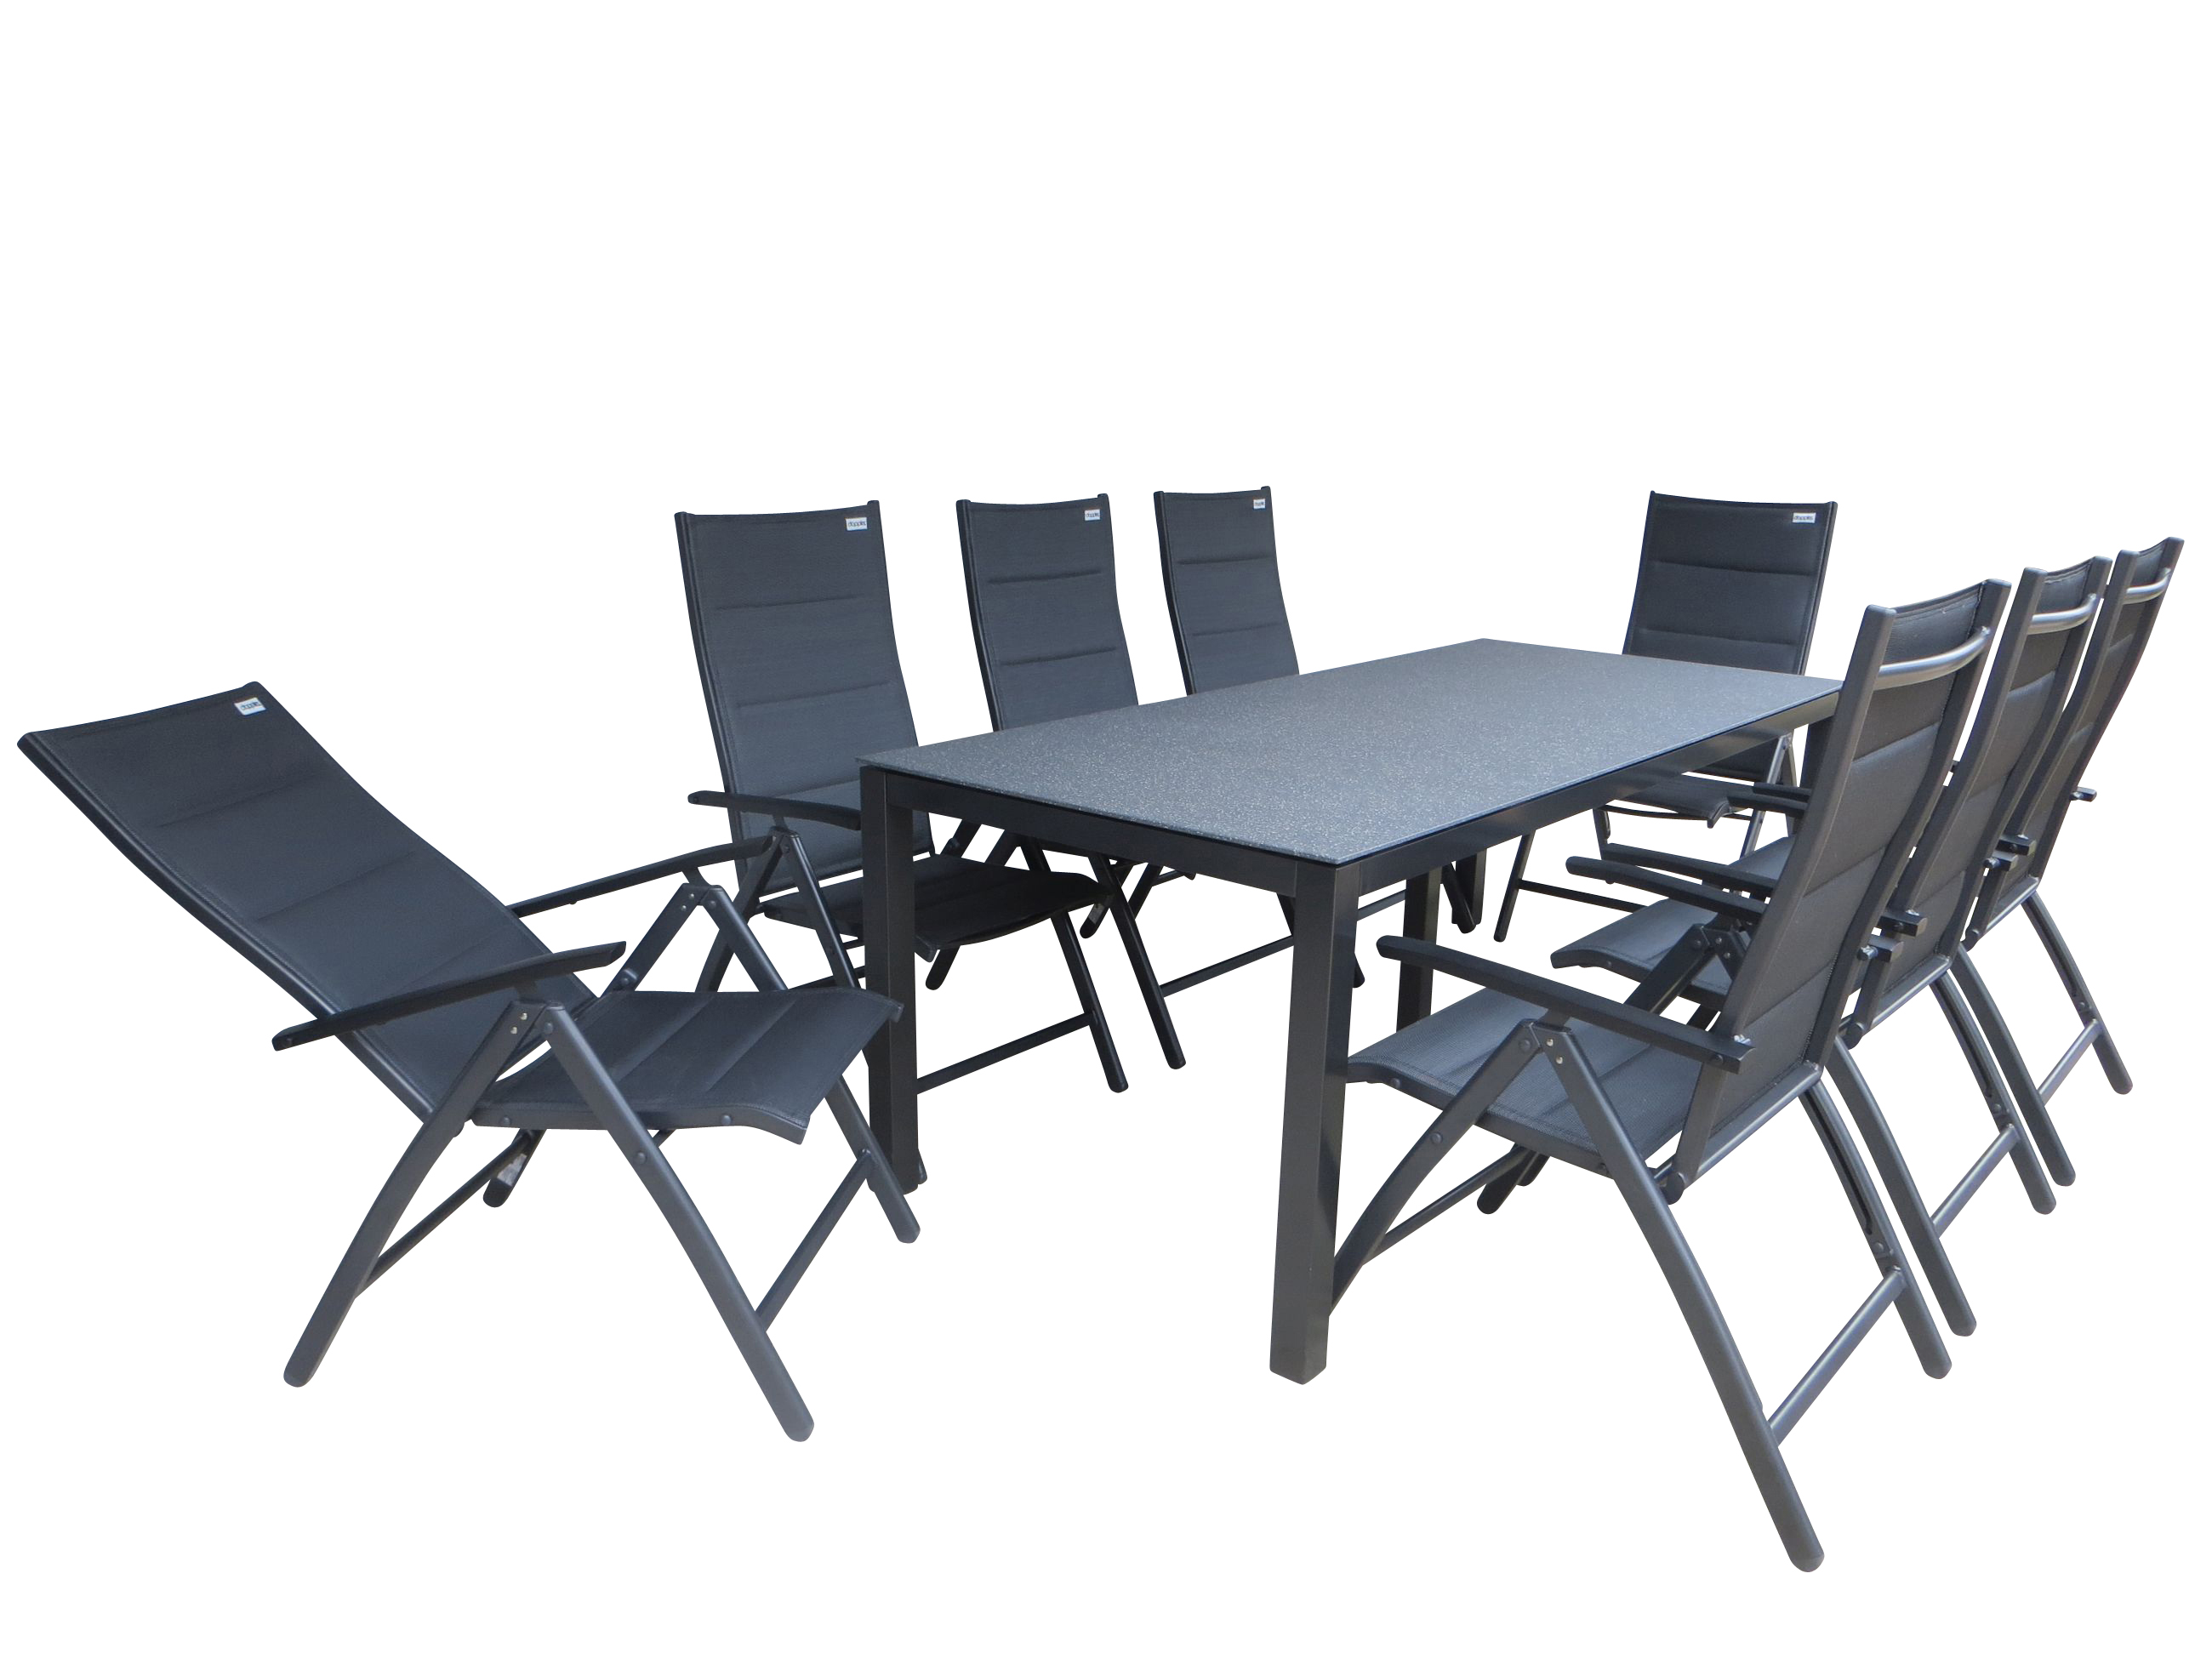 tumbes padded alu gartenm bel set sitzgarnitur 9 tlg anthrazit garten. Black Bedroom Furniture Sets. Home Design Ideas